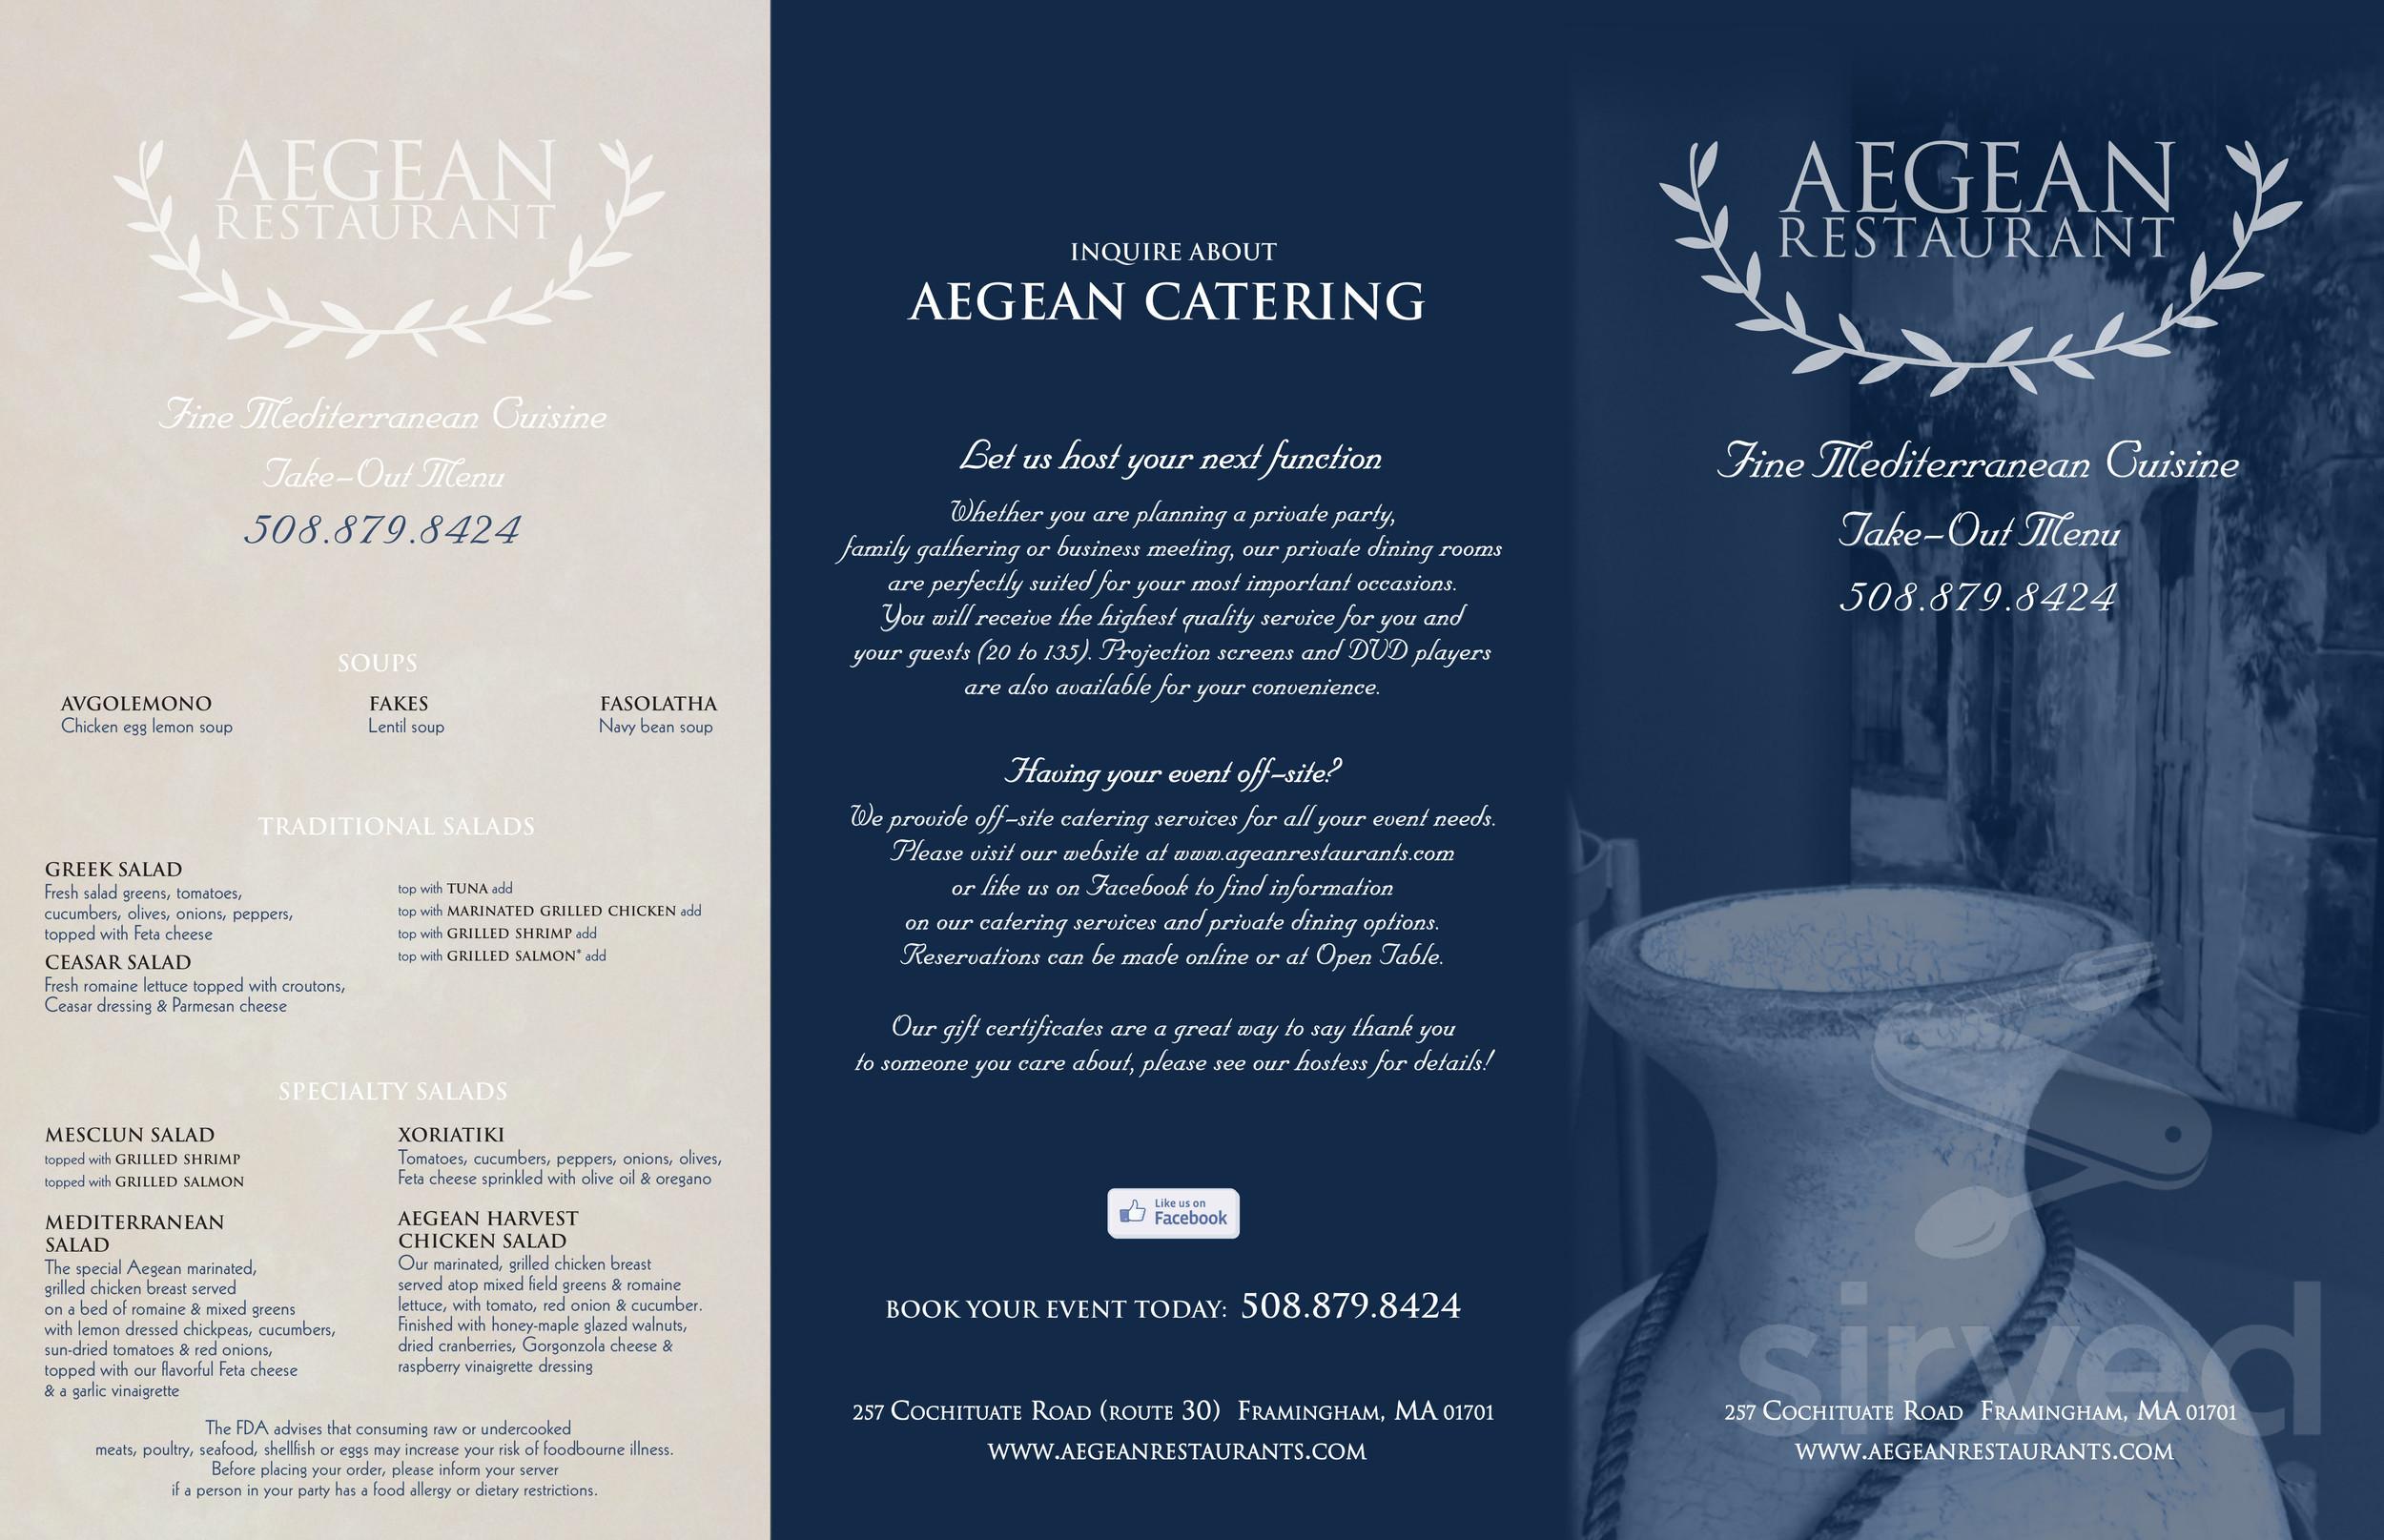 Menu For Aegean Restaurant In Framingham Massachusetts